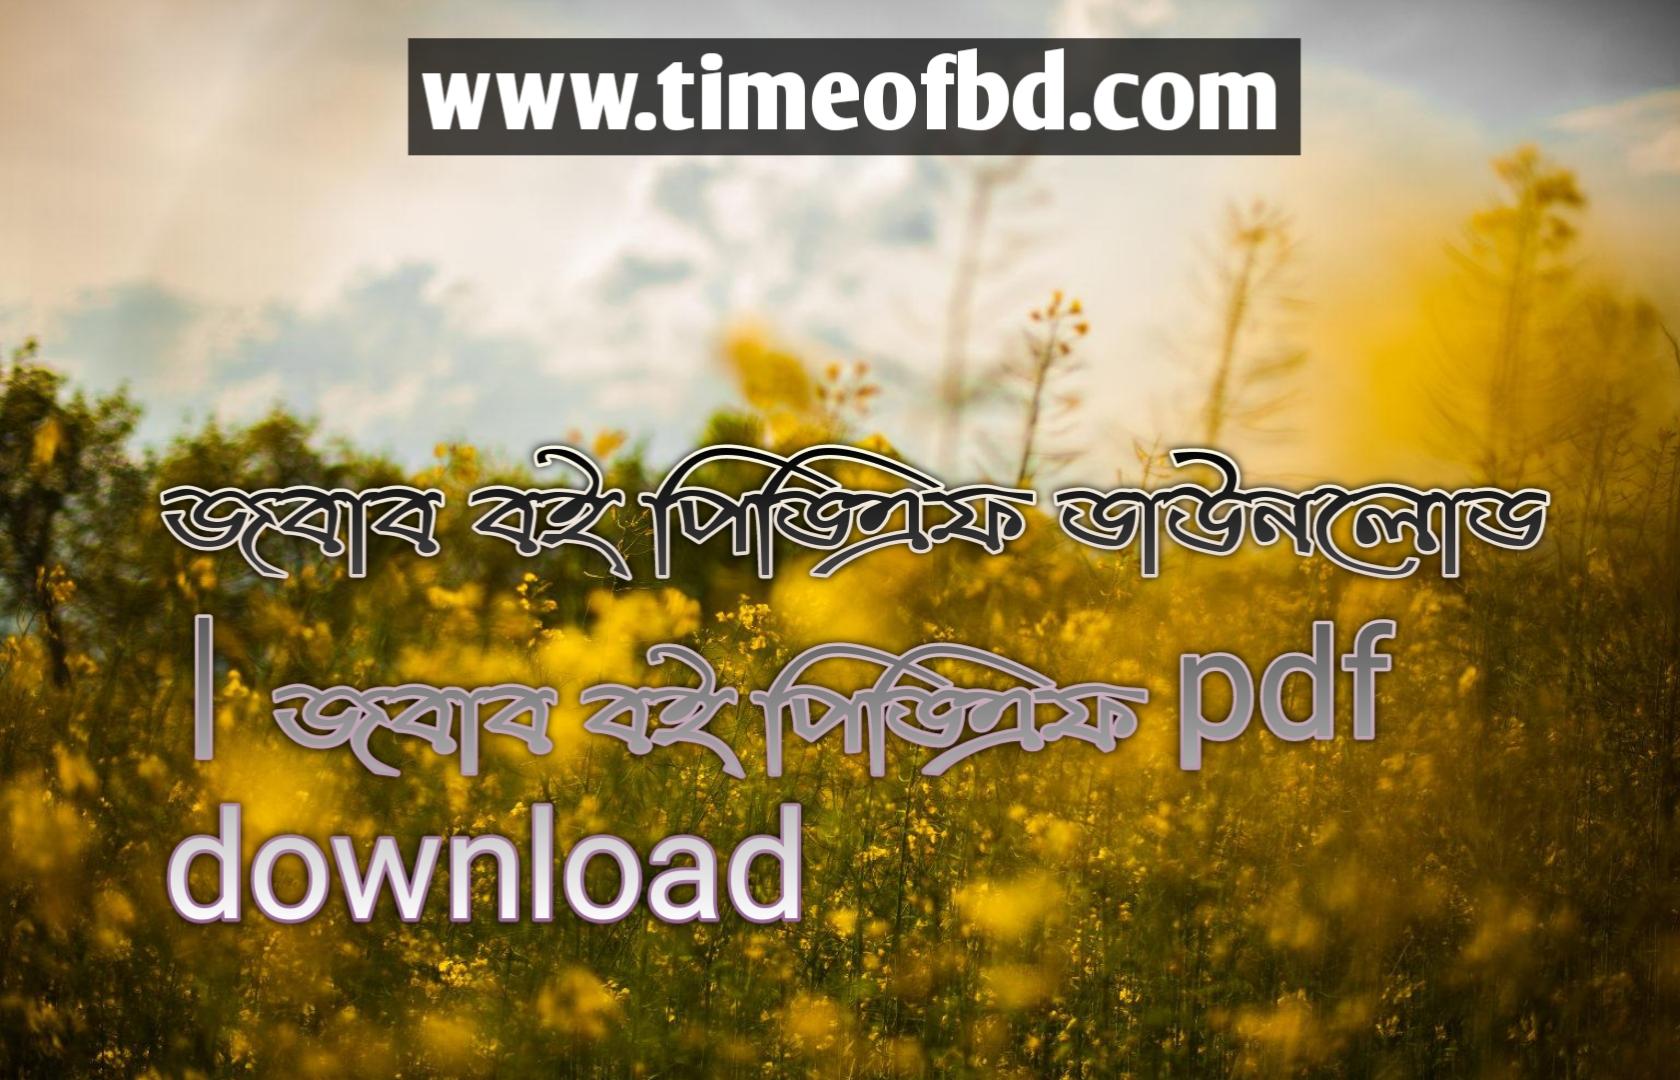 জবাব বই পিডিএফ ডাউনলোড, জবাব বই পিডিএফ pdf downloadl, জবাব বই পিডিএফ pdf free download, জবাব বই পিডিএফ,